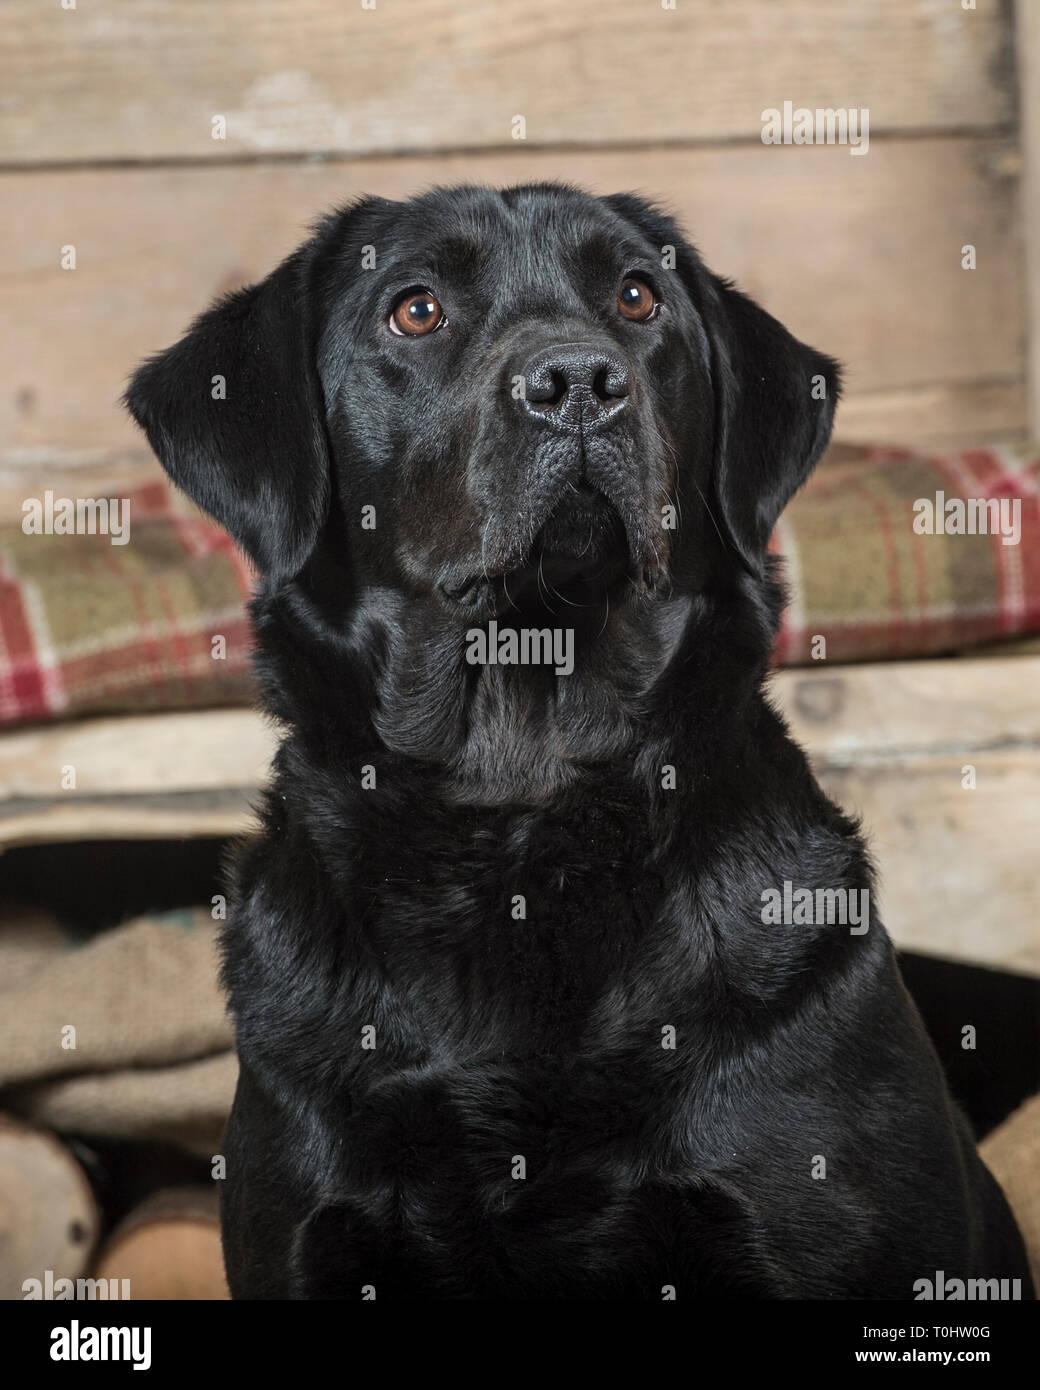 Black Labrador retriever dog - Stock Image